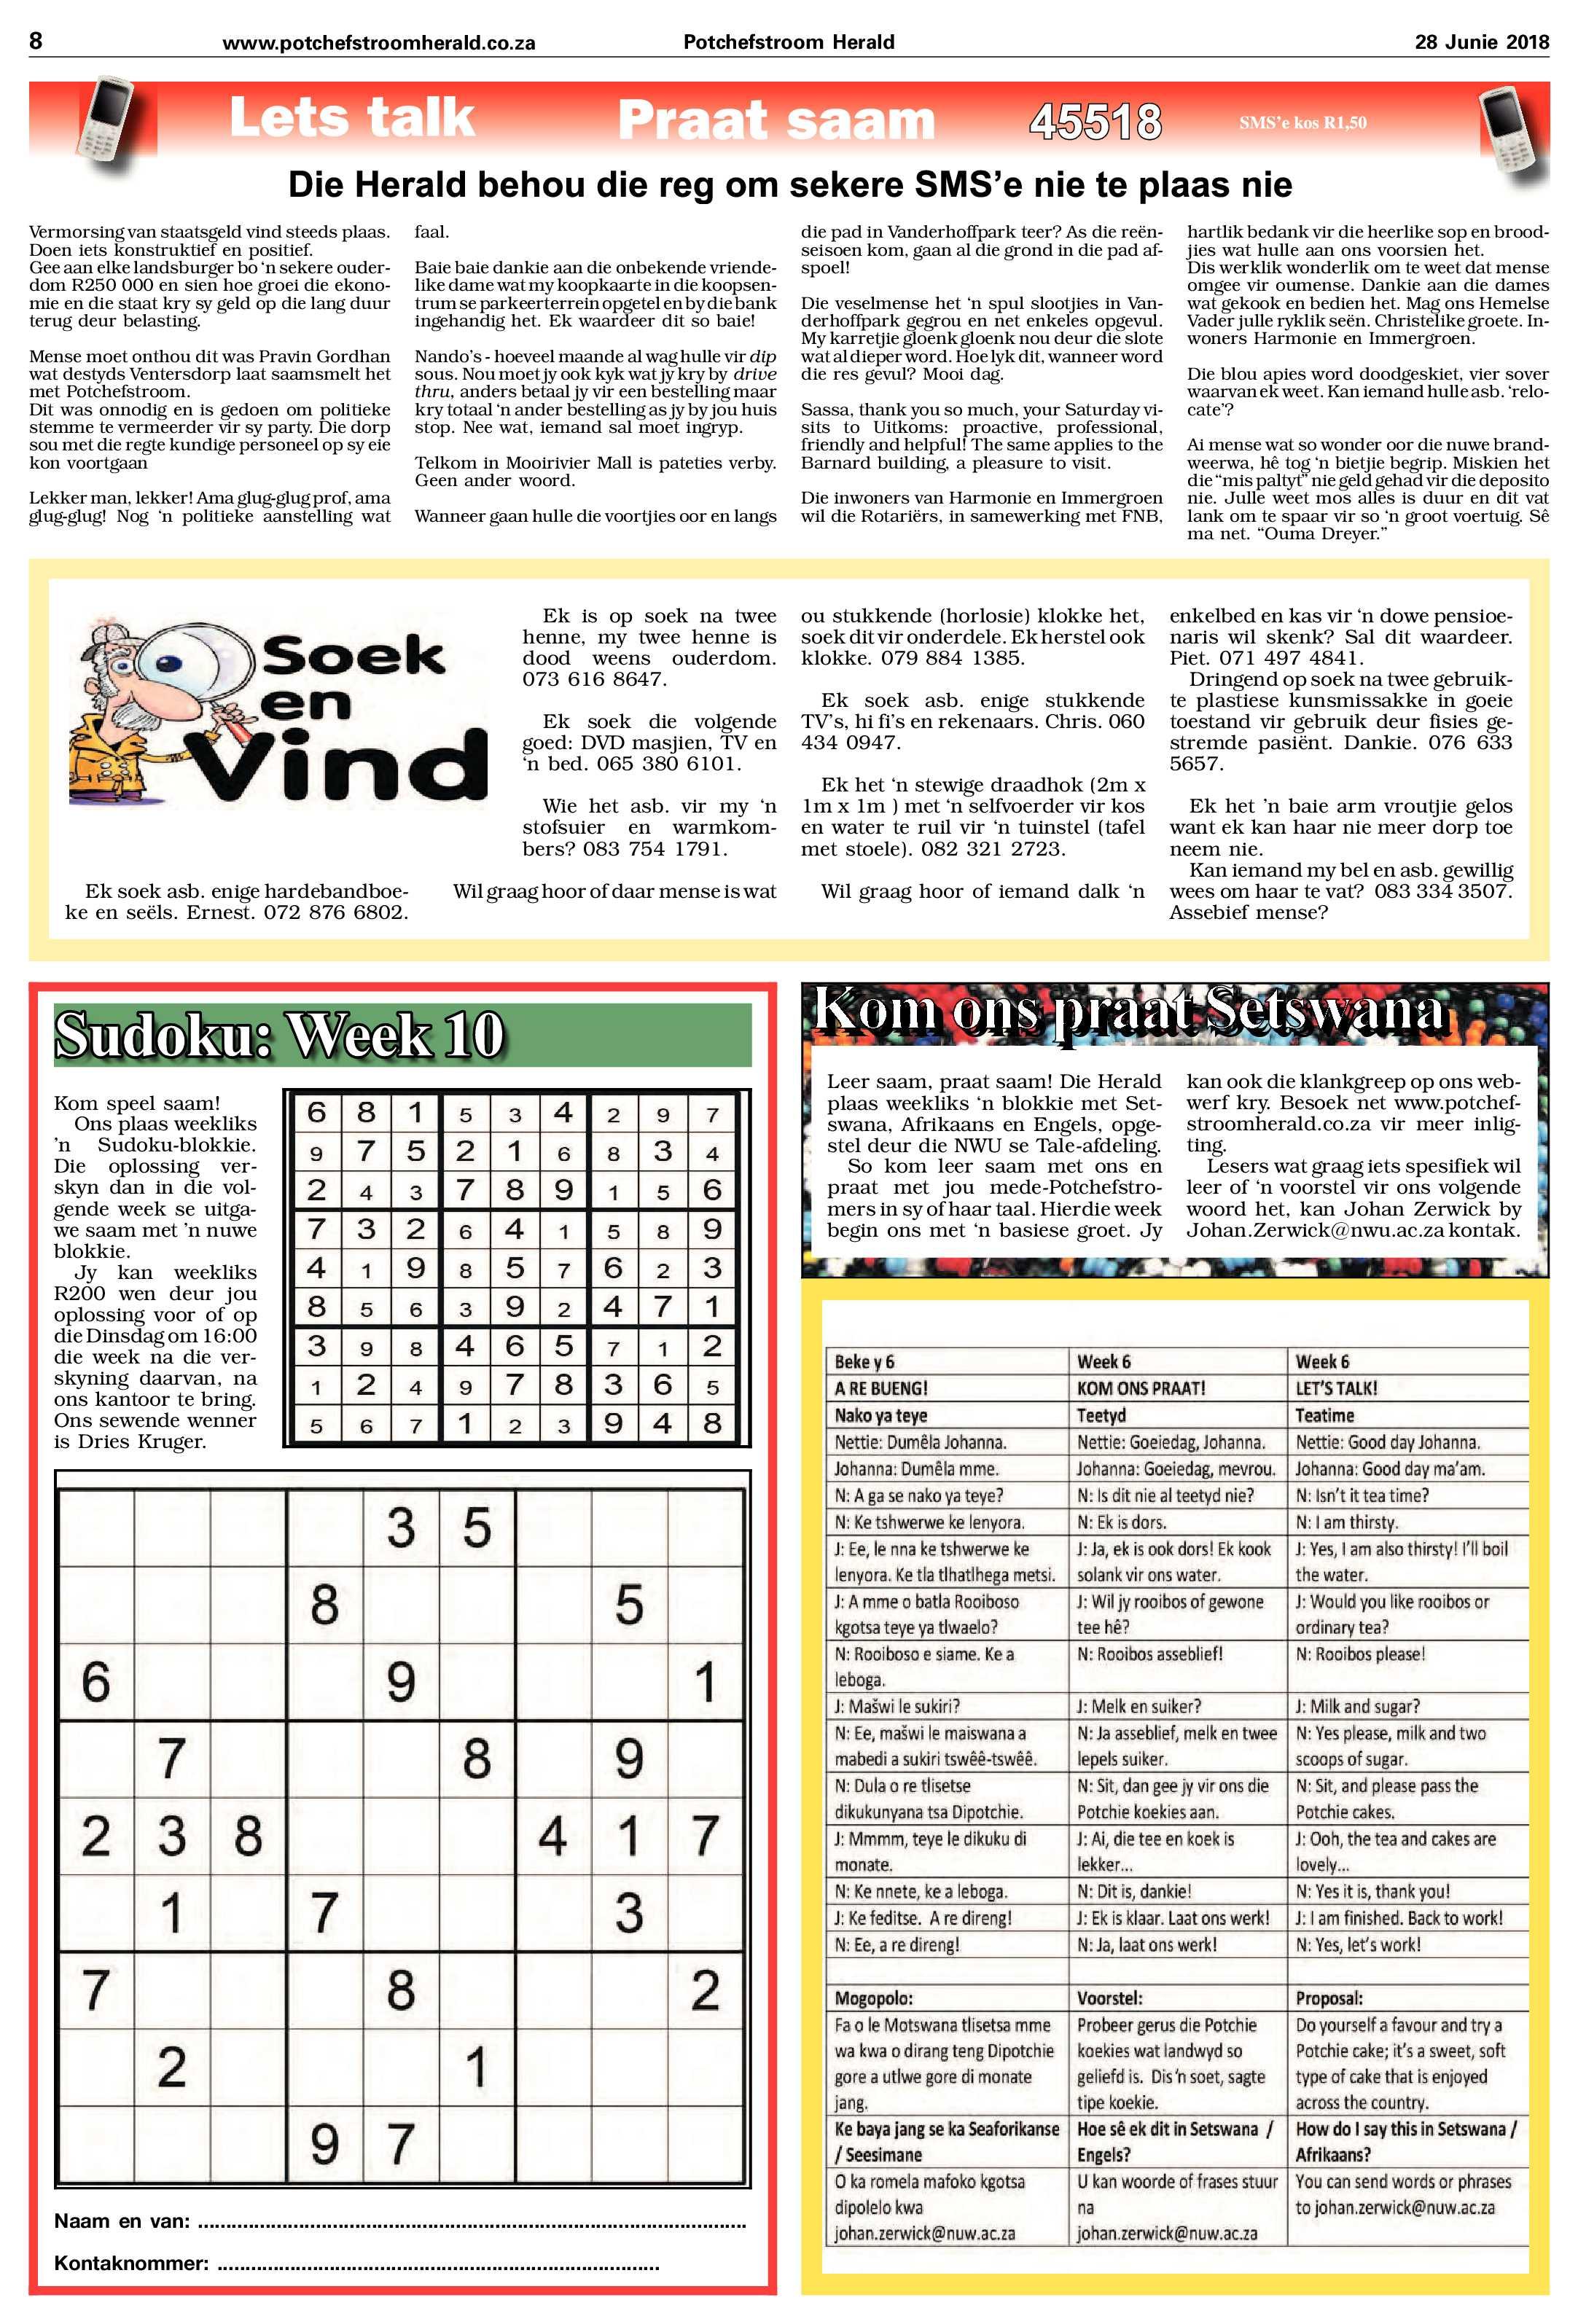 28-junie-2018-epapers-page-8